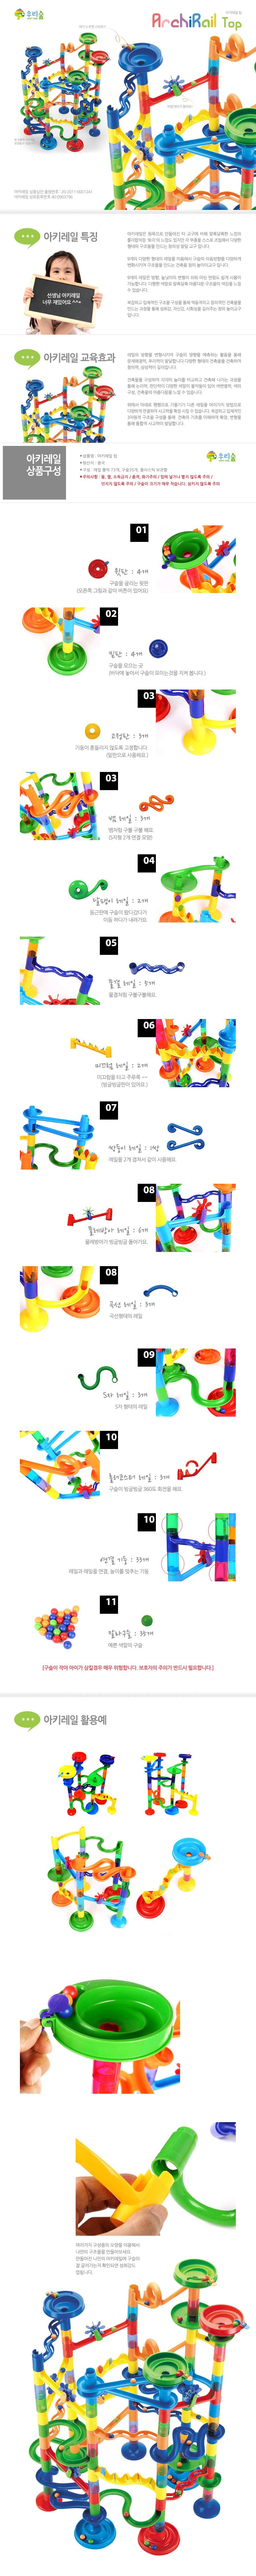 """아키레일_Top """"설계부터 작동까지 우리 아이들은 예술적인 건축가가 됩니다~!"""""""